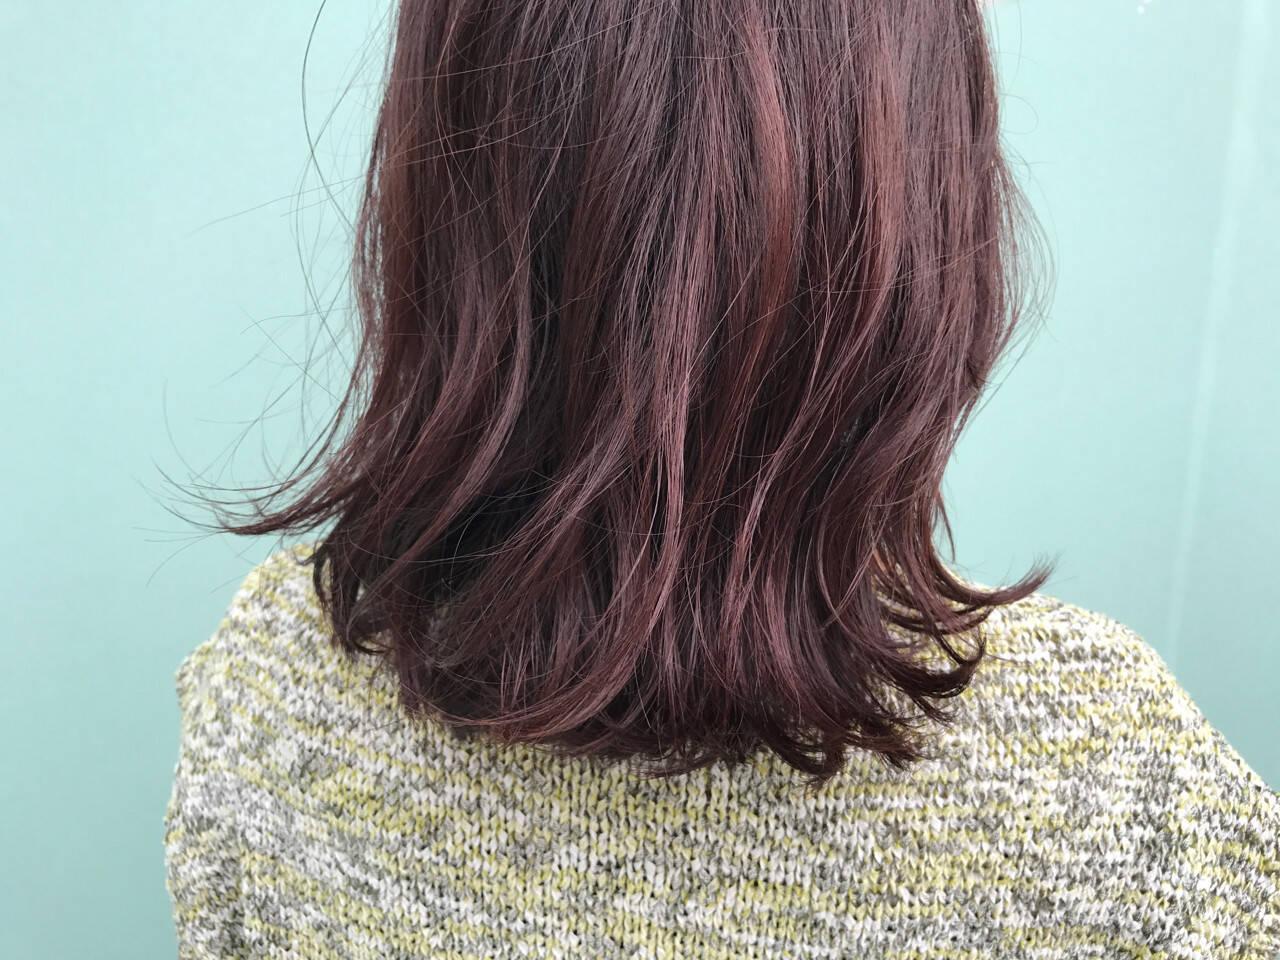 ミディアム ストリート ピンク ピンクアッシュヘアスタイルや髪型の写真・画像